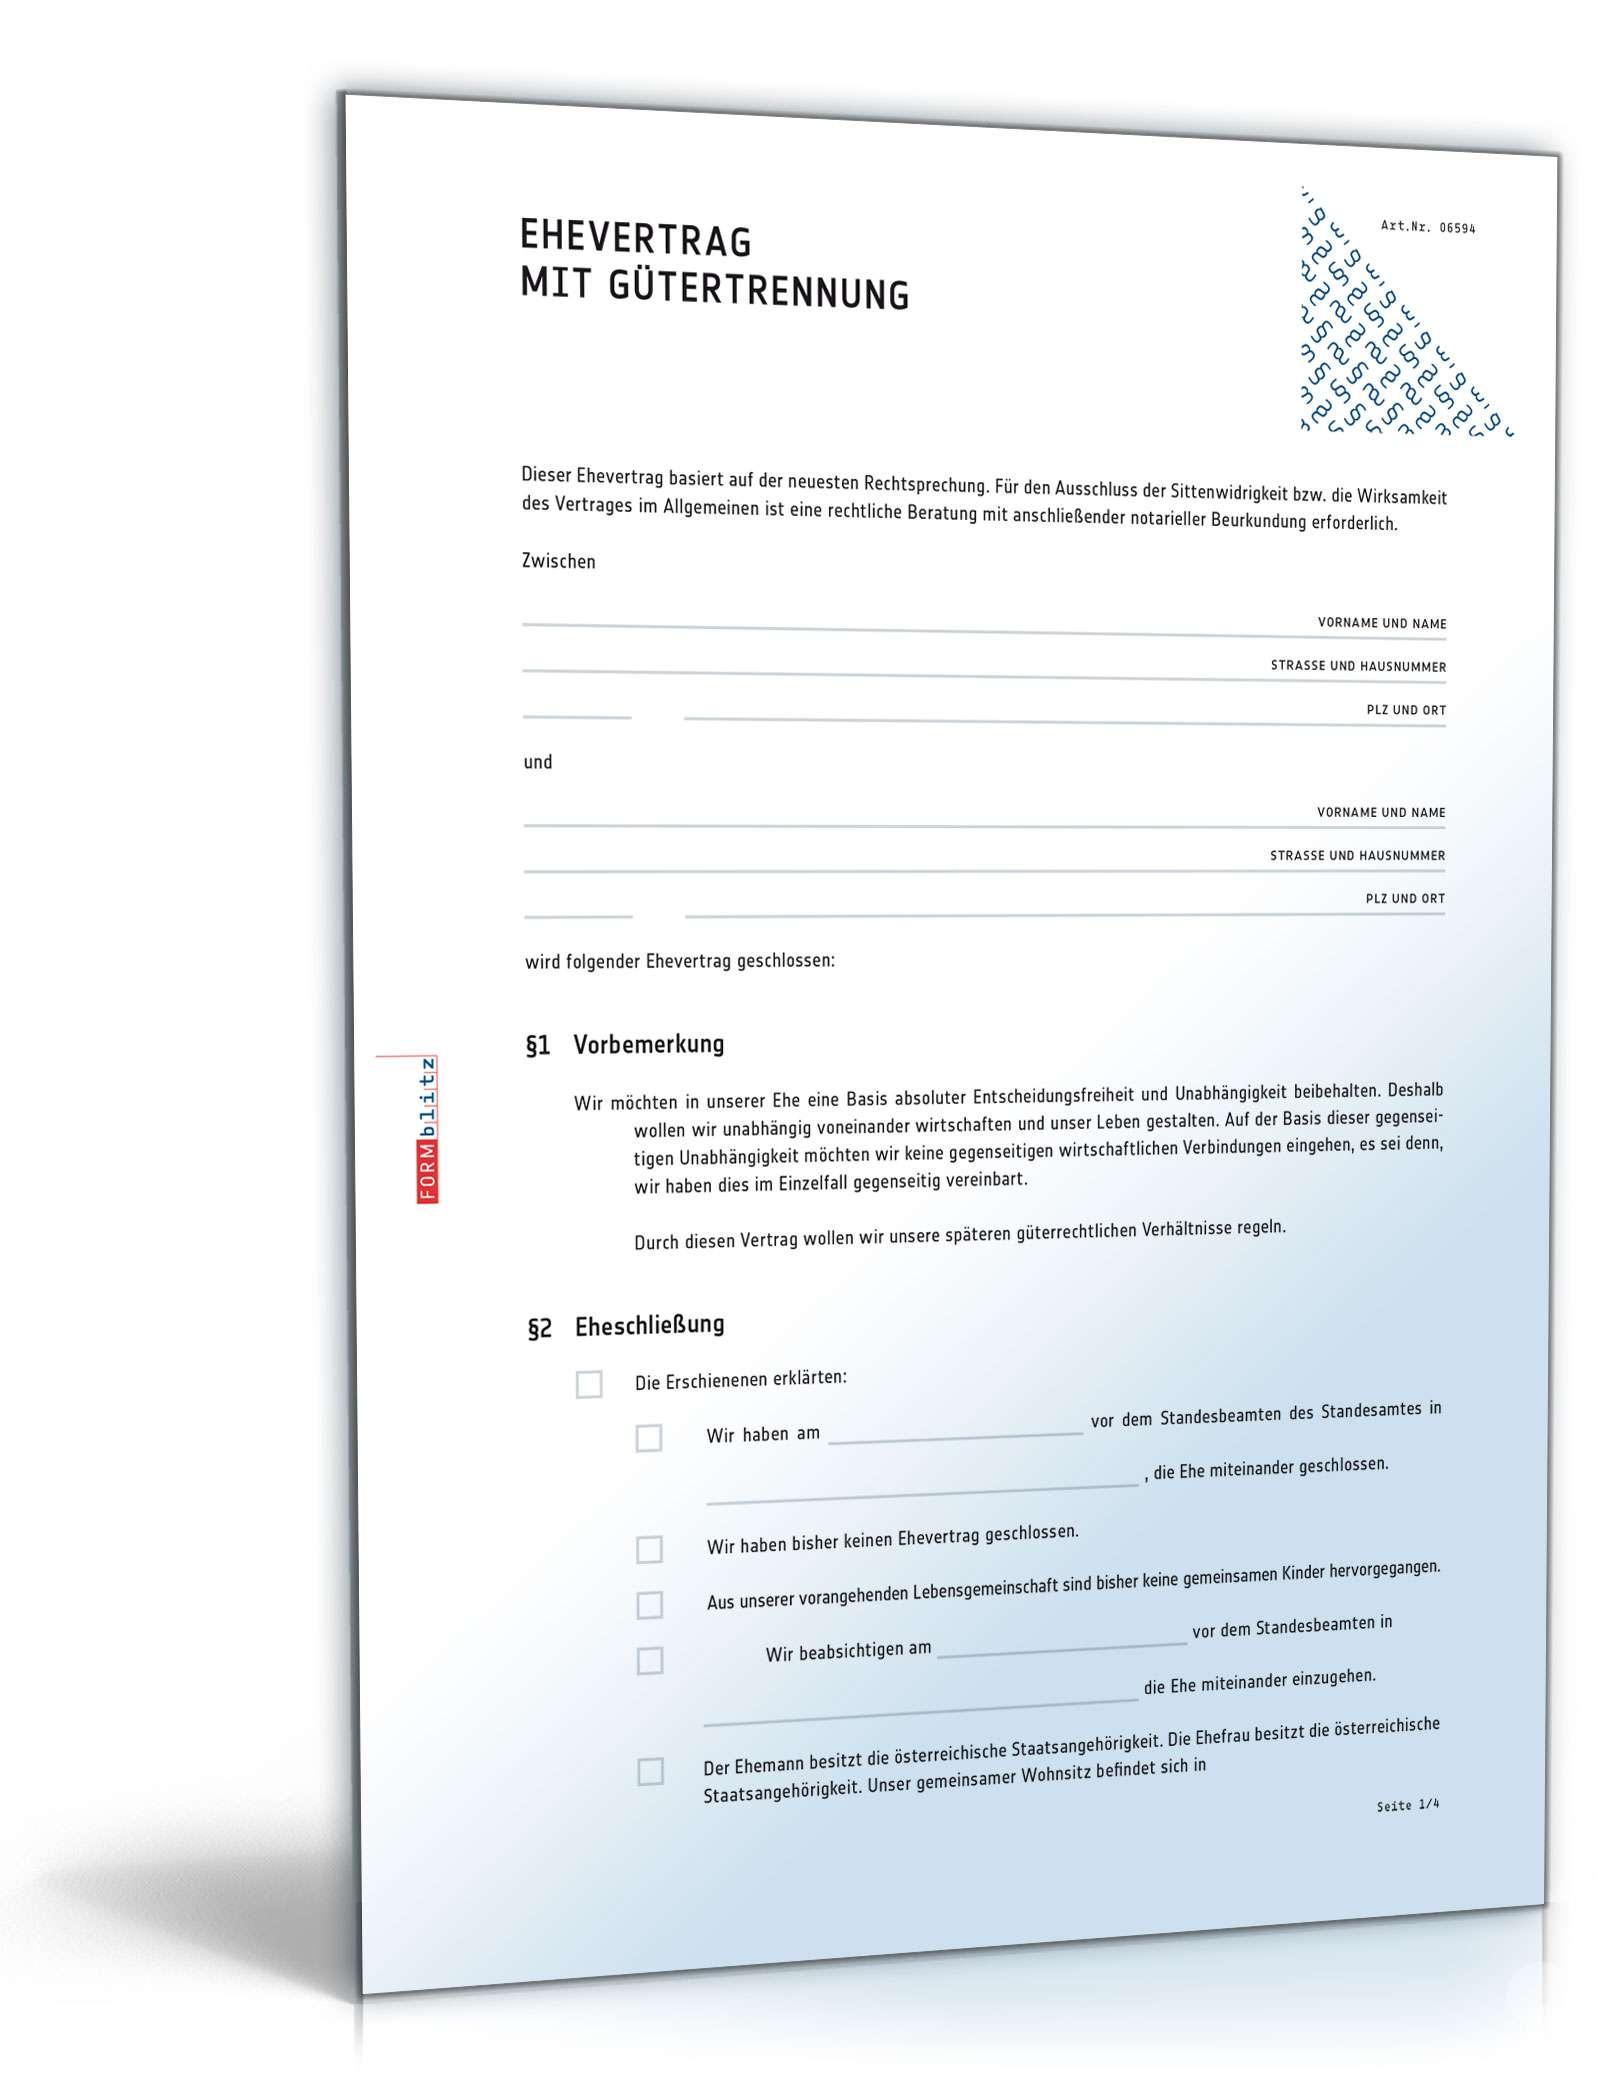 Ehevertrag Mit Gütertrennung Muster Vorlage Zum Download